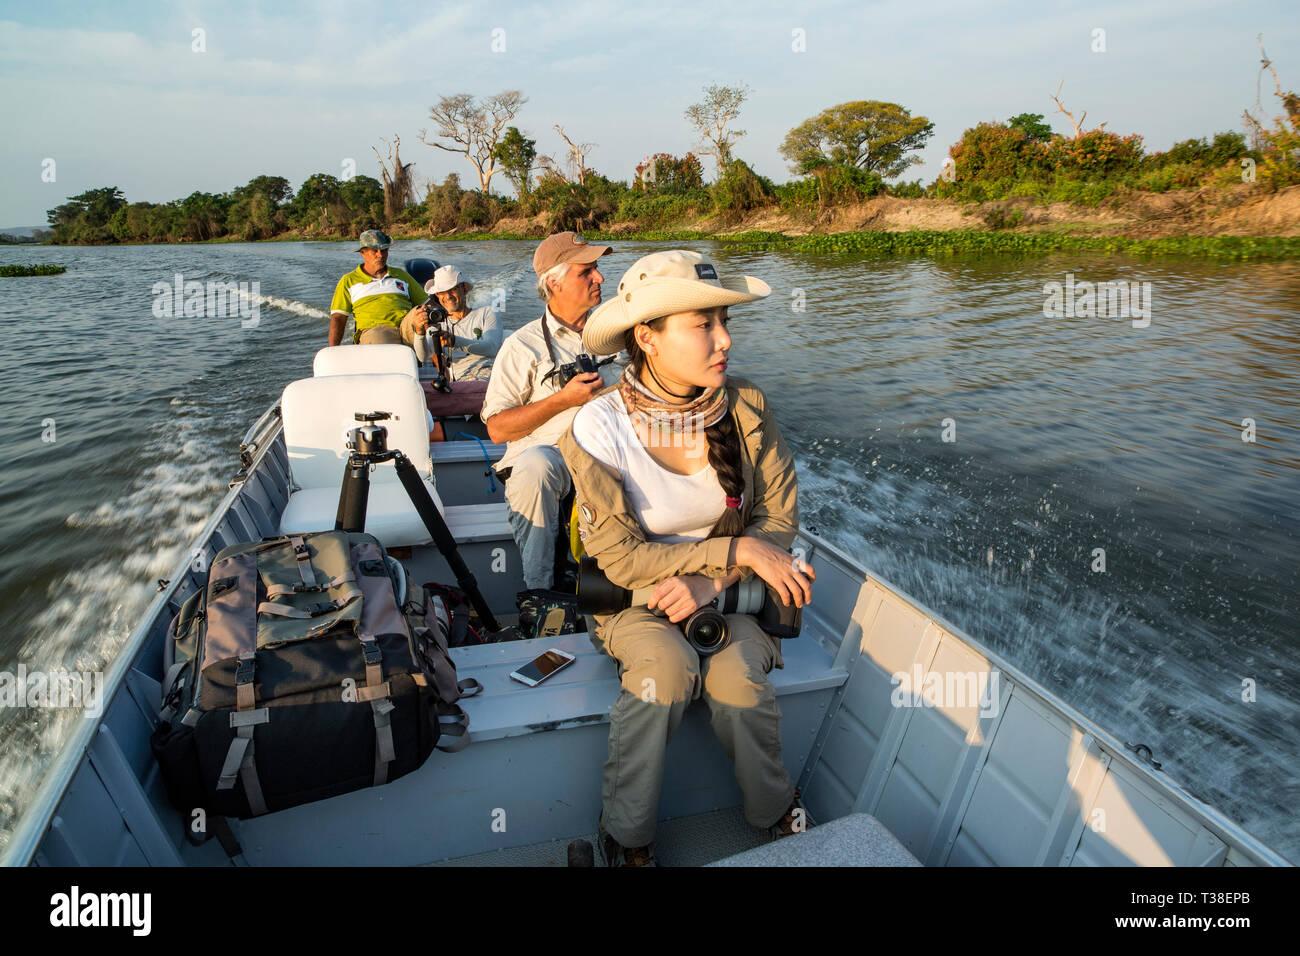 Tourists enjoying the Wetlands, Paraguay River, Pantanal, Brazil - Stock Image